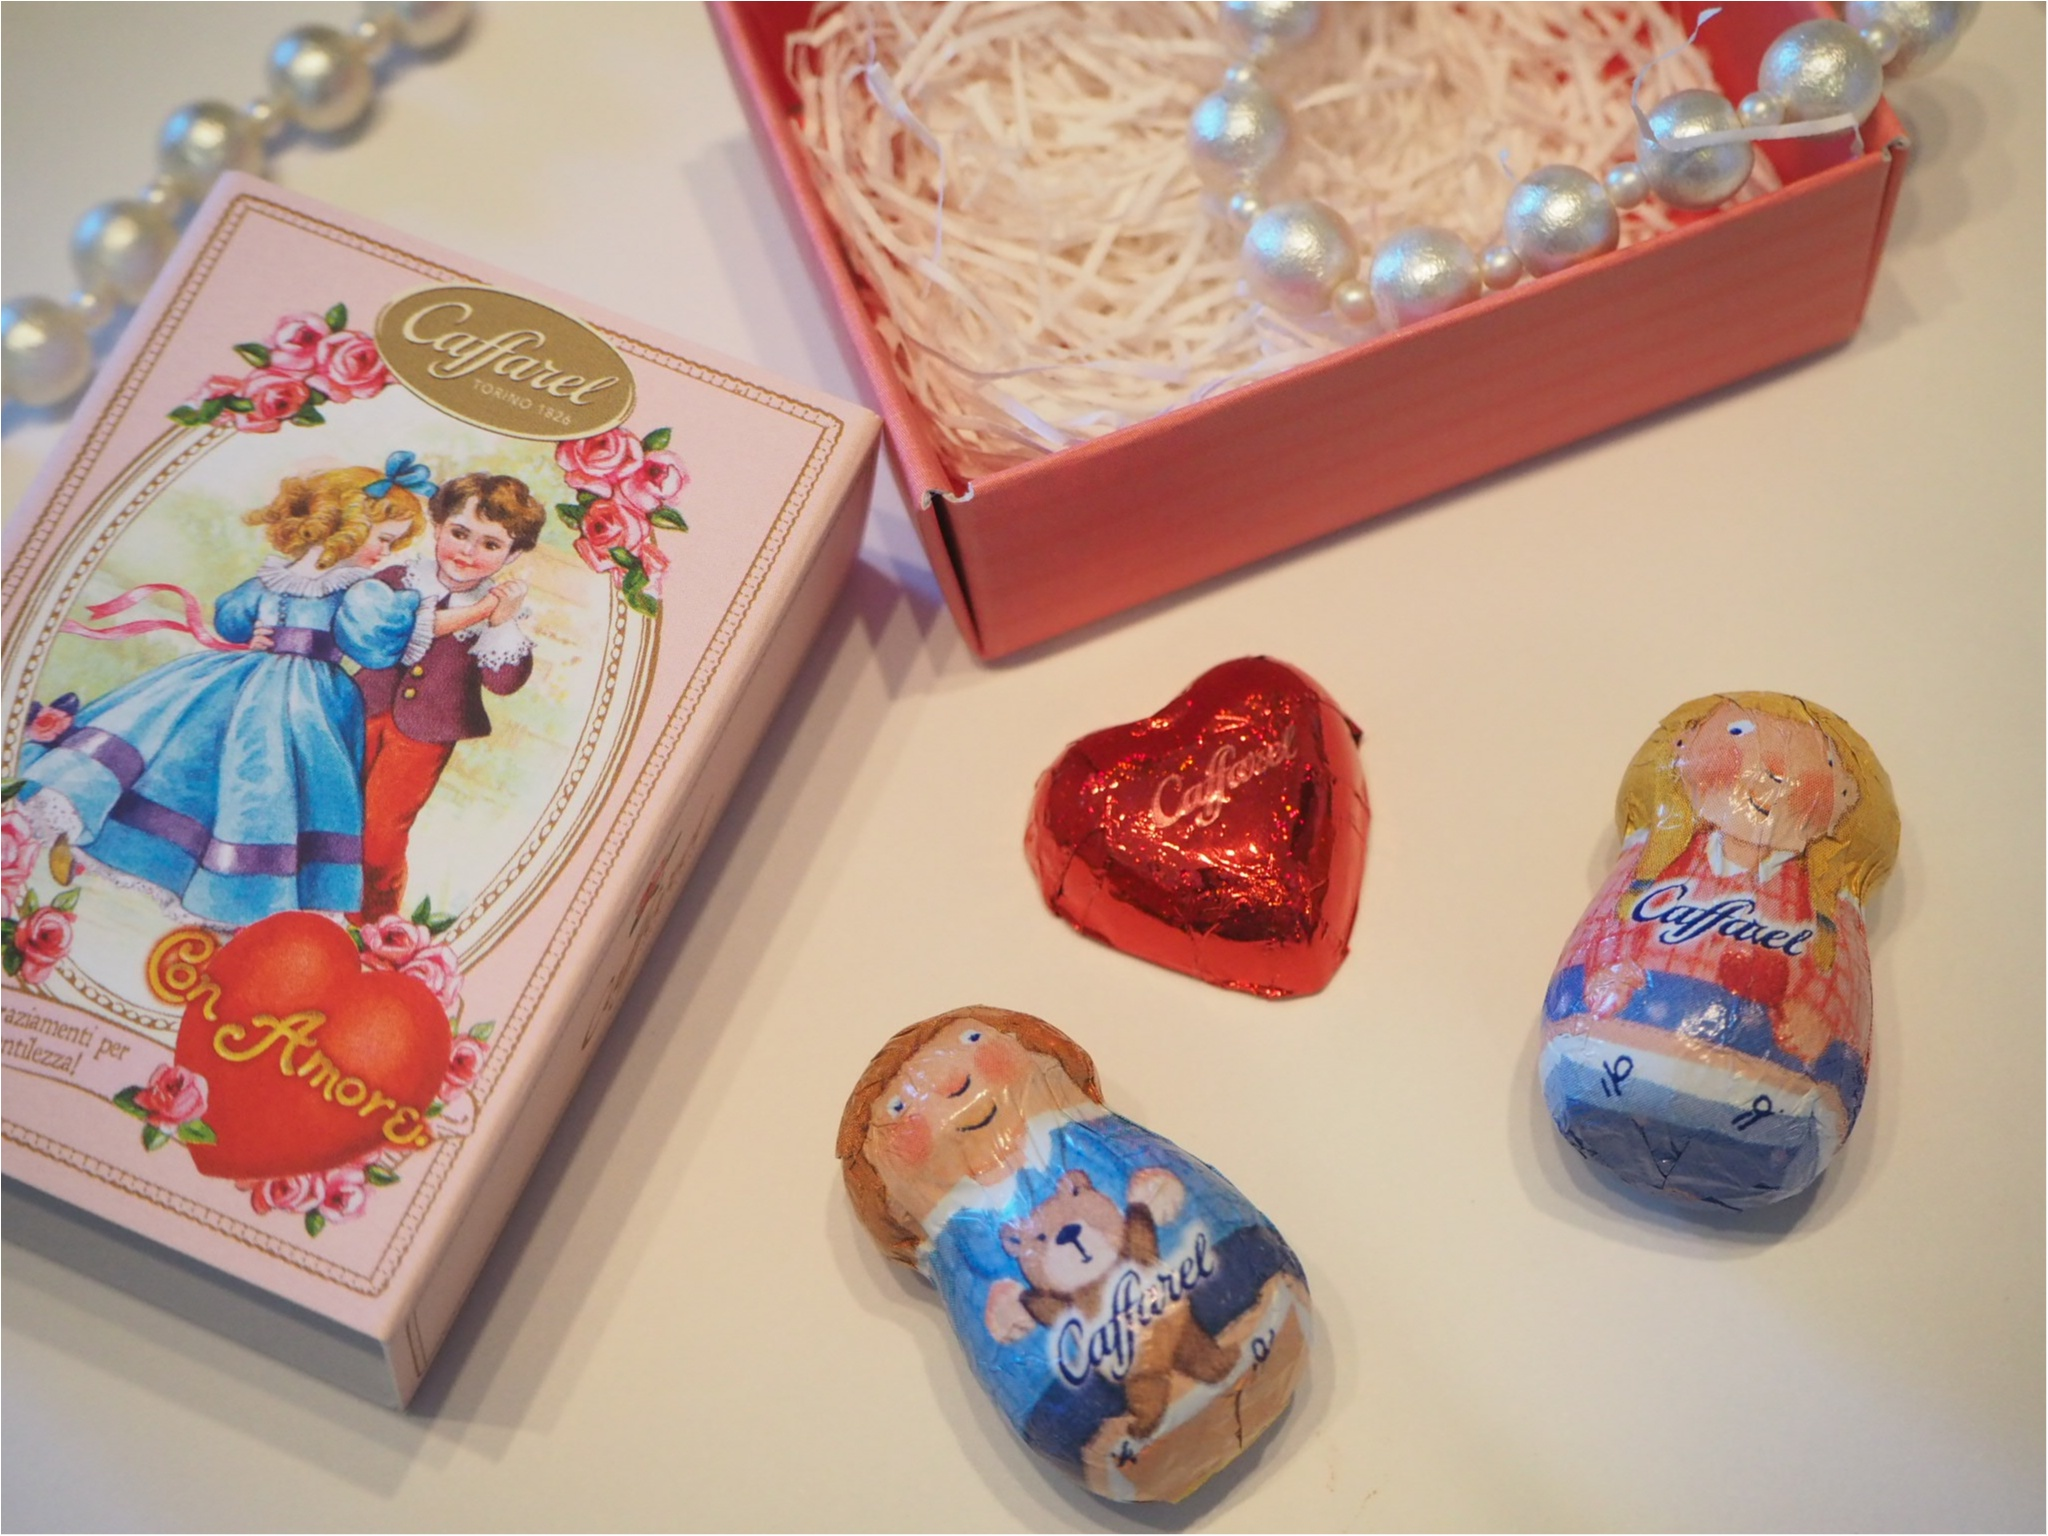 【バレンタインデー直前】今欲しいのは500円台で買えるお手軽ご褒美チョコ!_7